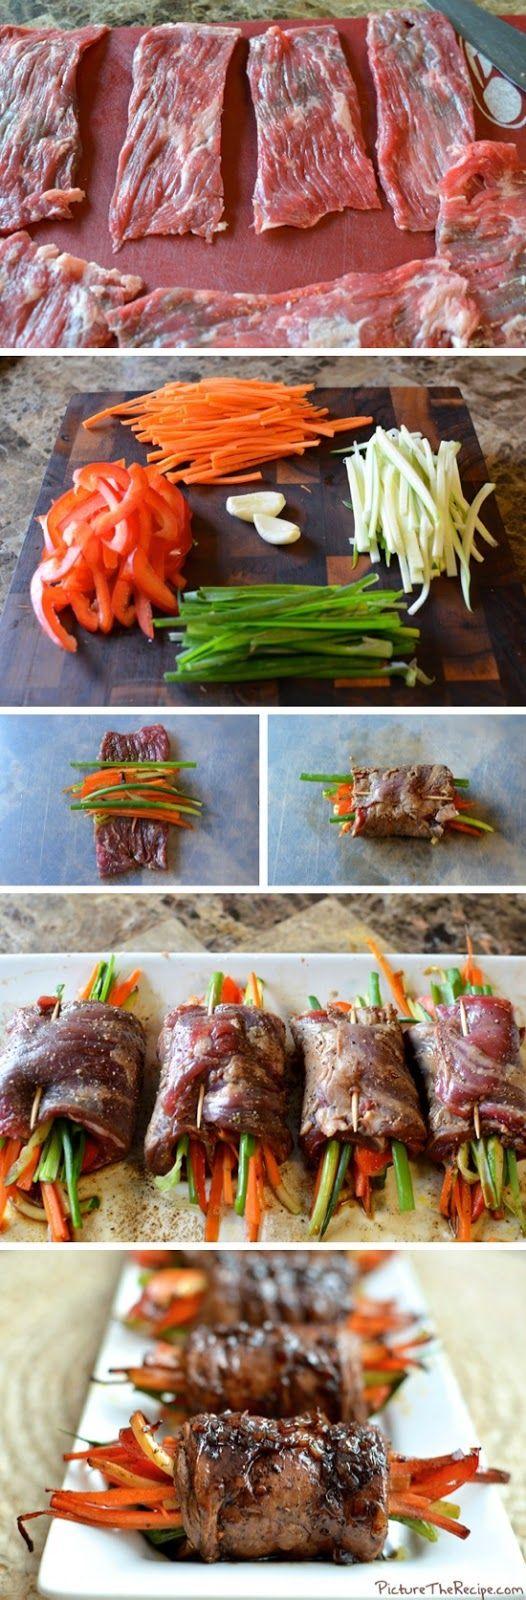 Balsamic Glazed Steak Rolls, dinner, easy dinner, kids can help make